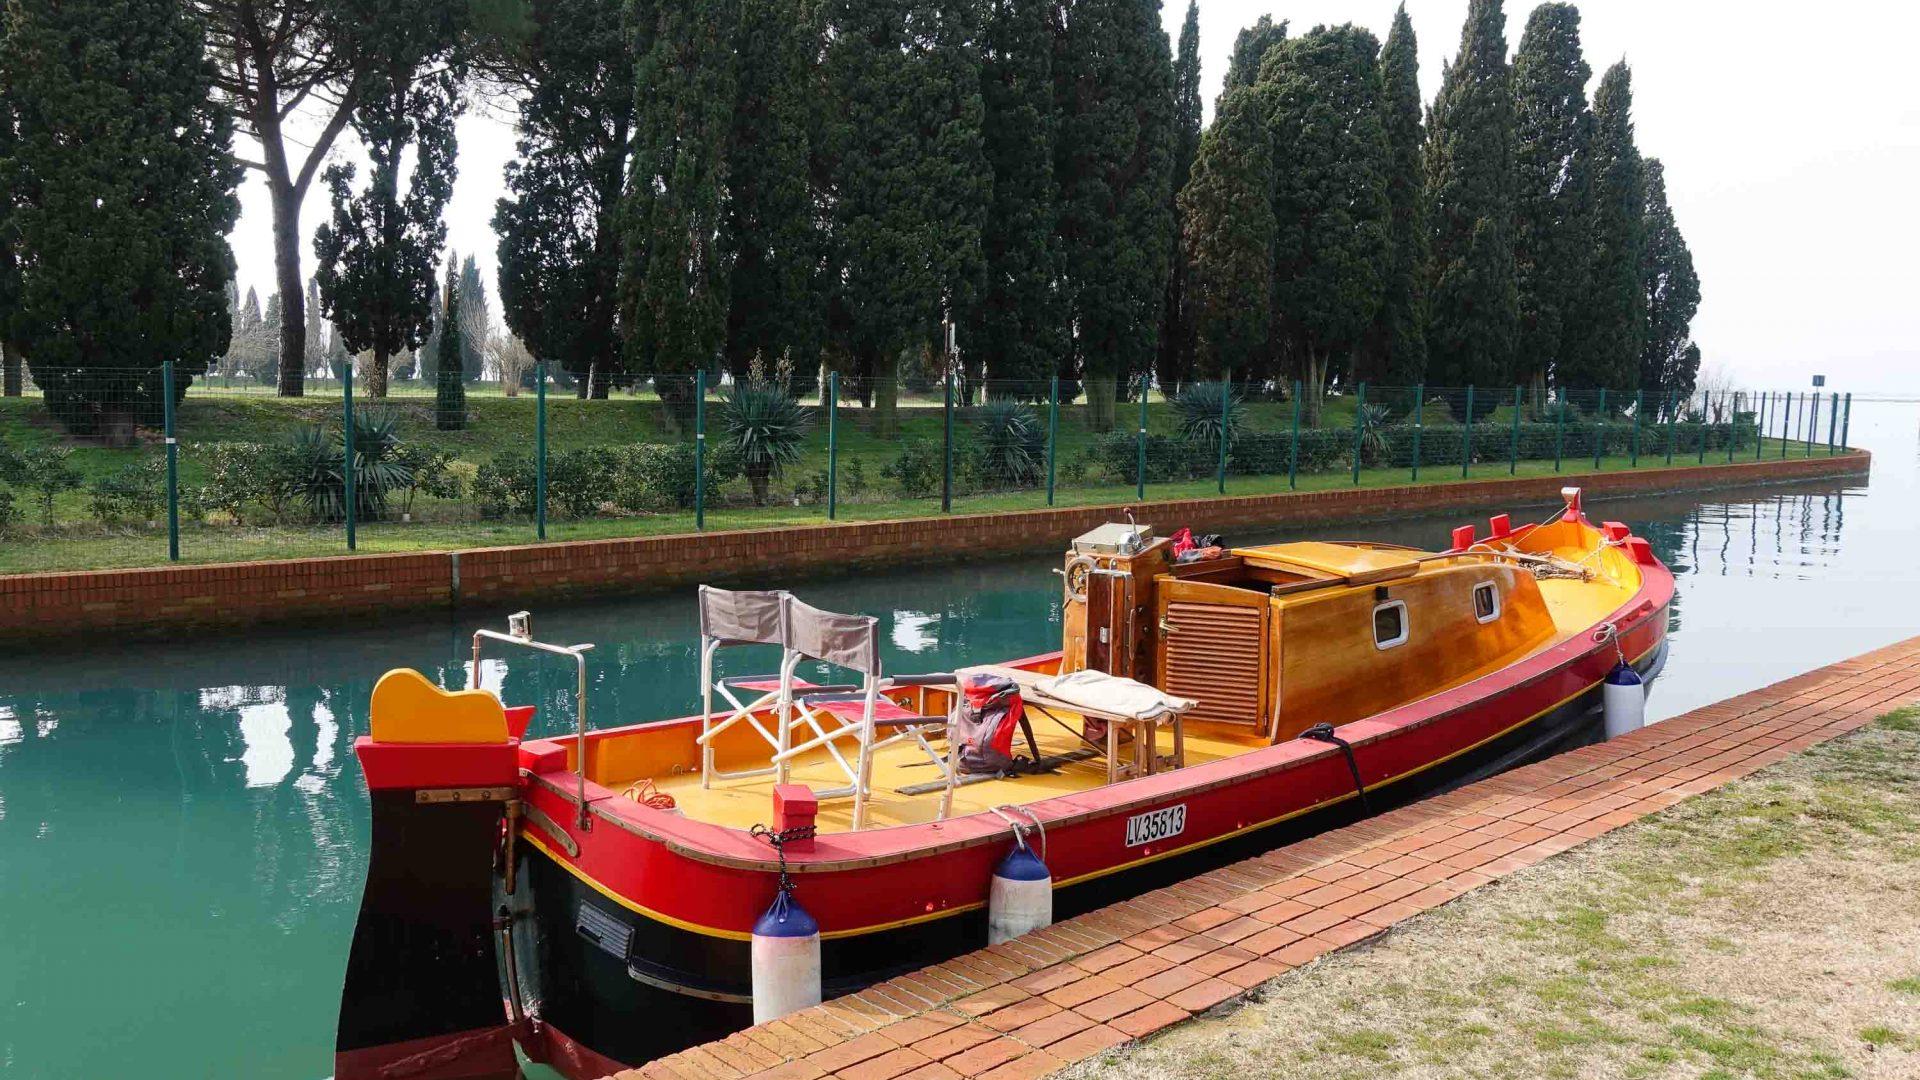 A traditional bragozzo boat moored at the monastery island of San Francesco del Deserto in Venice's lagoon.